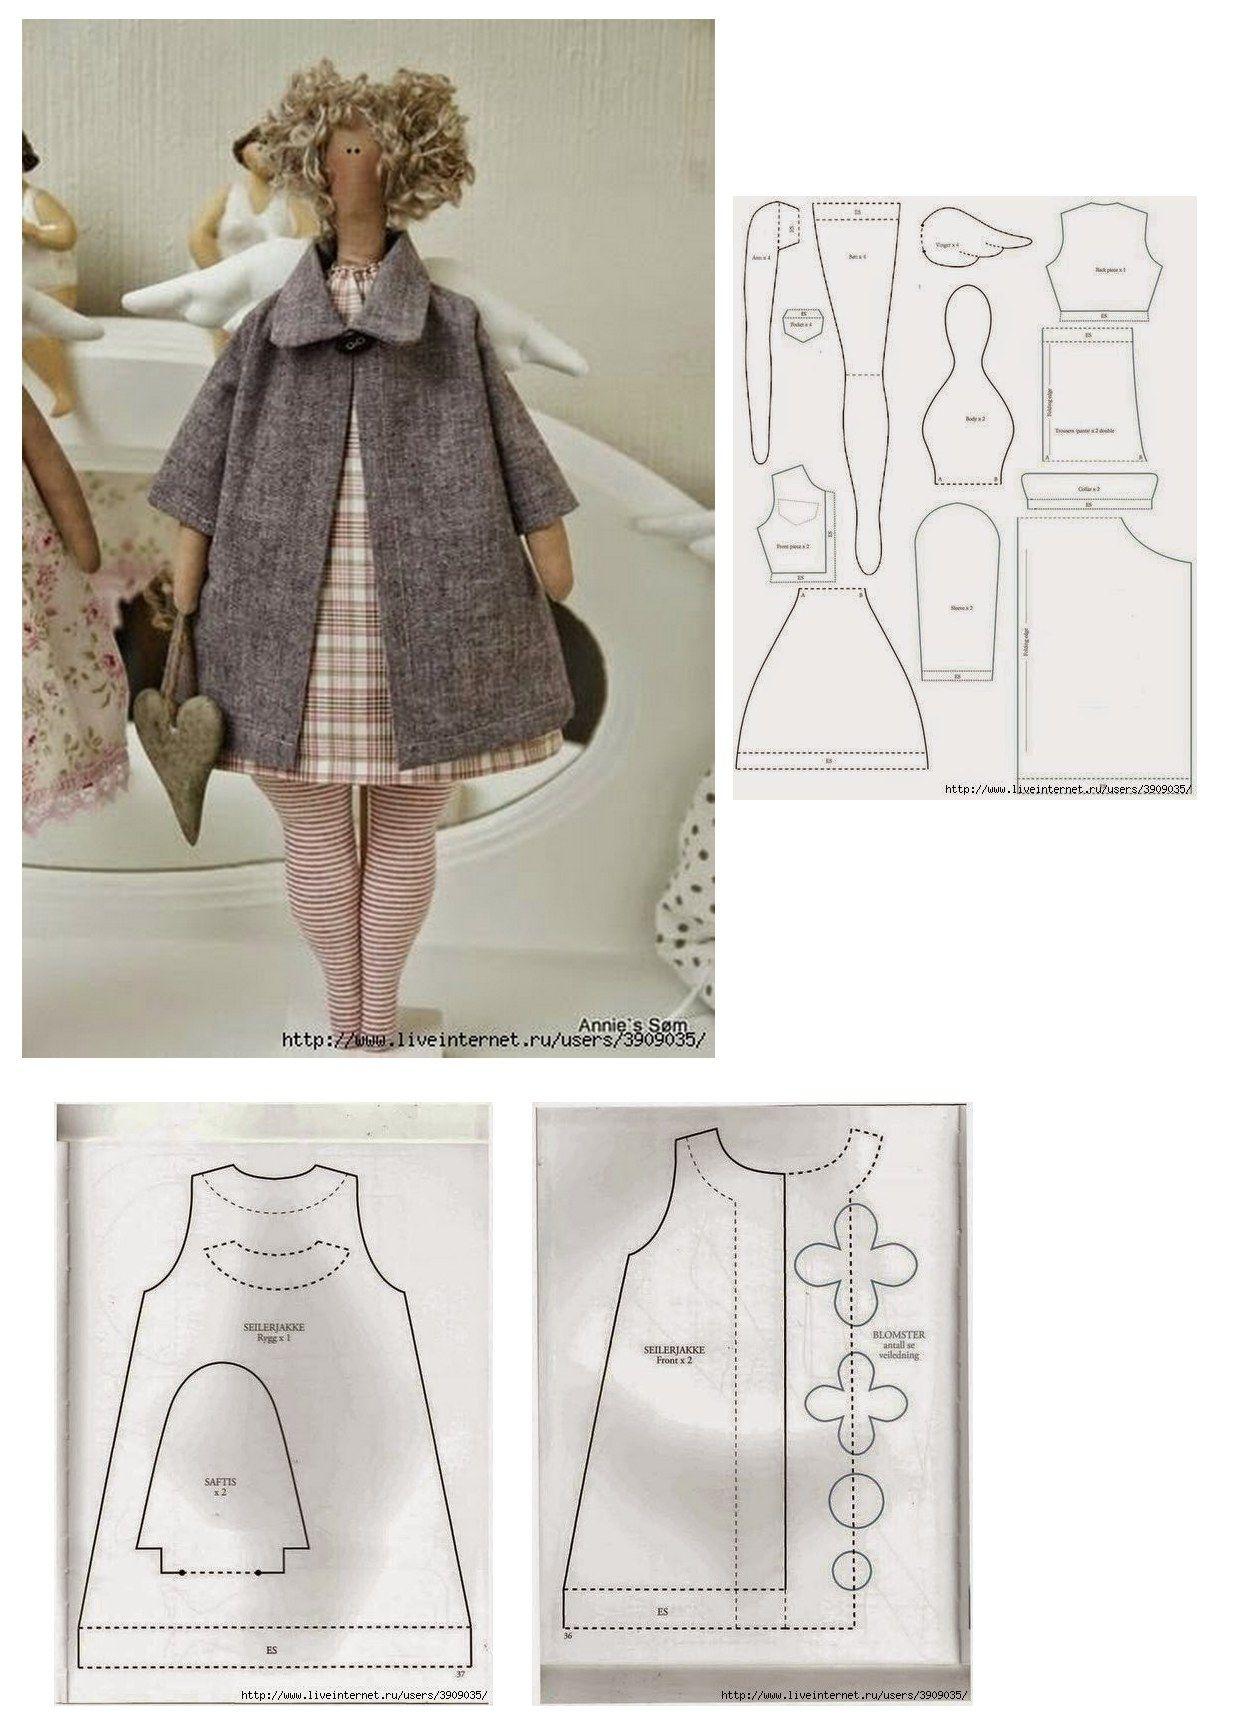 tilda de casaco | Tilda | Pinterest | Muñecas, Muñecas de trapo y ...